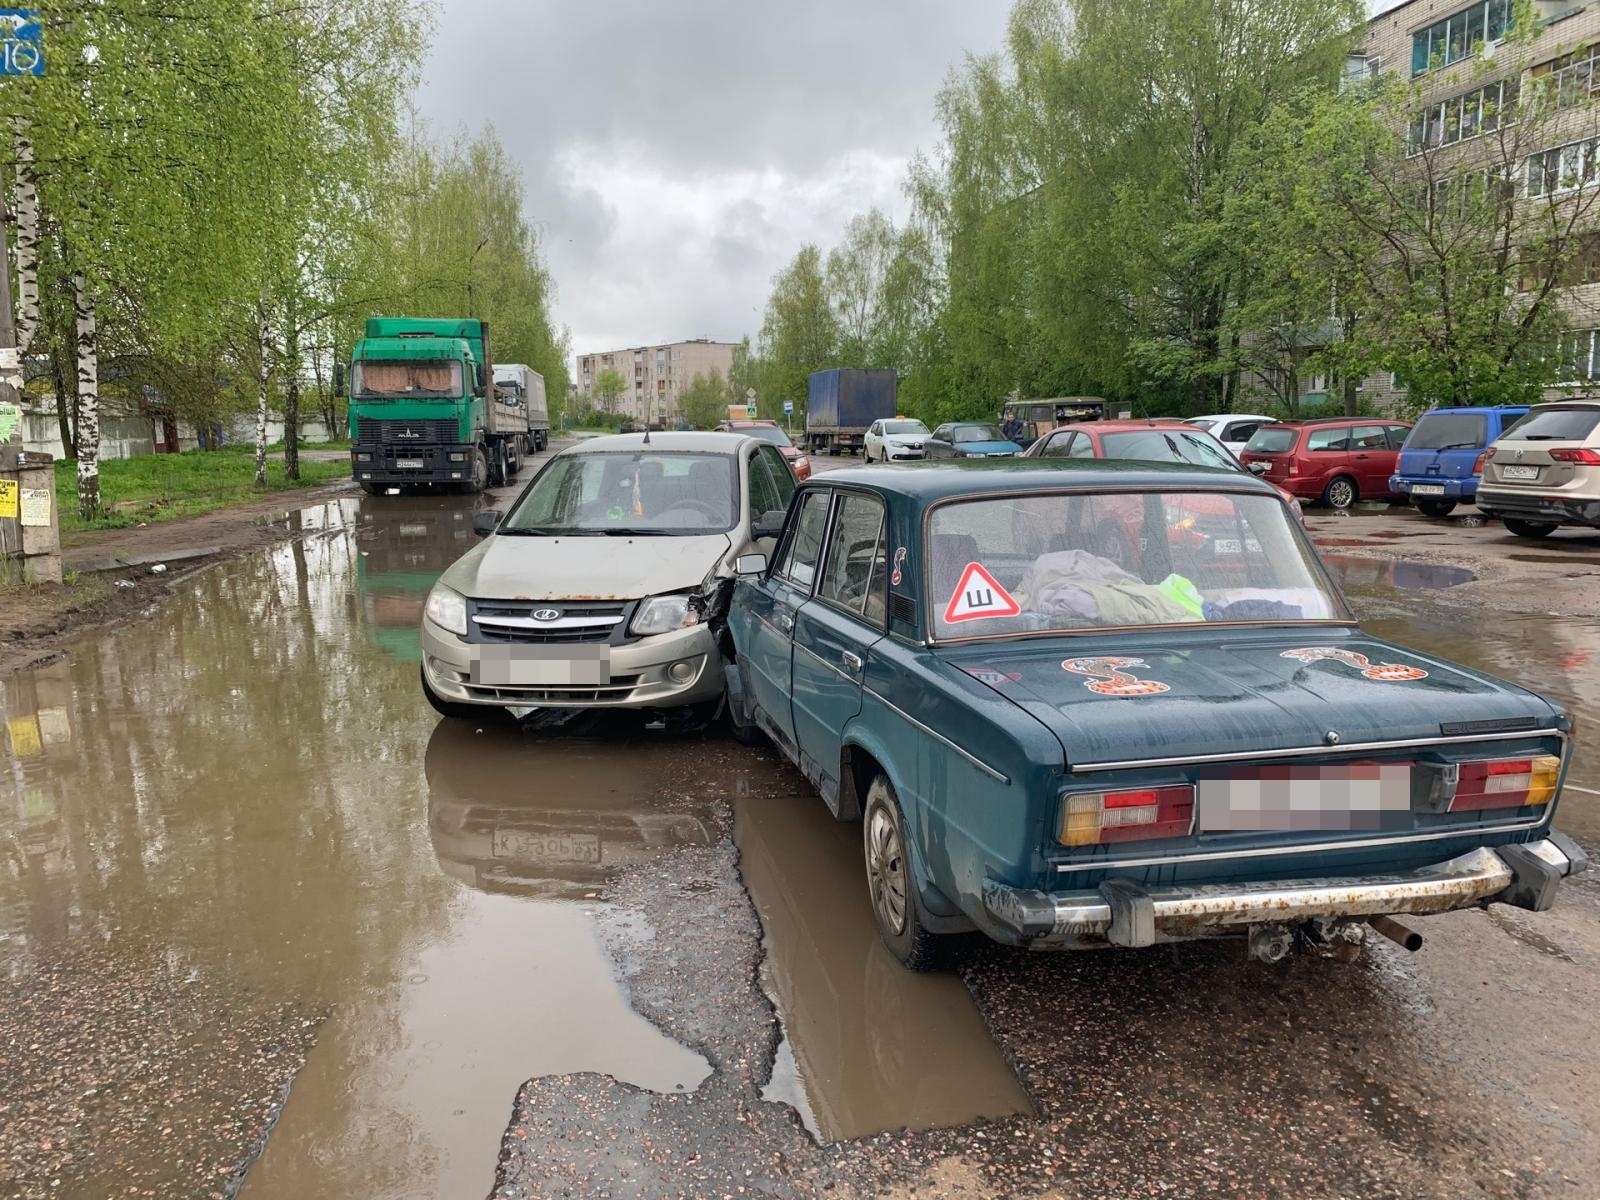 В Тверской области виновник ДТП с пострадавшим отказался пройти тест на опьянение - новости Афанасий